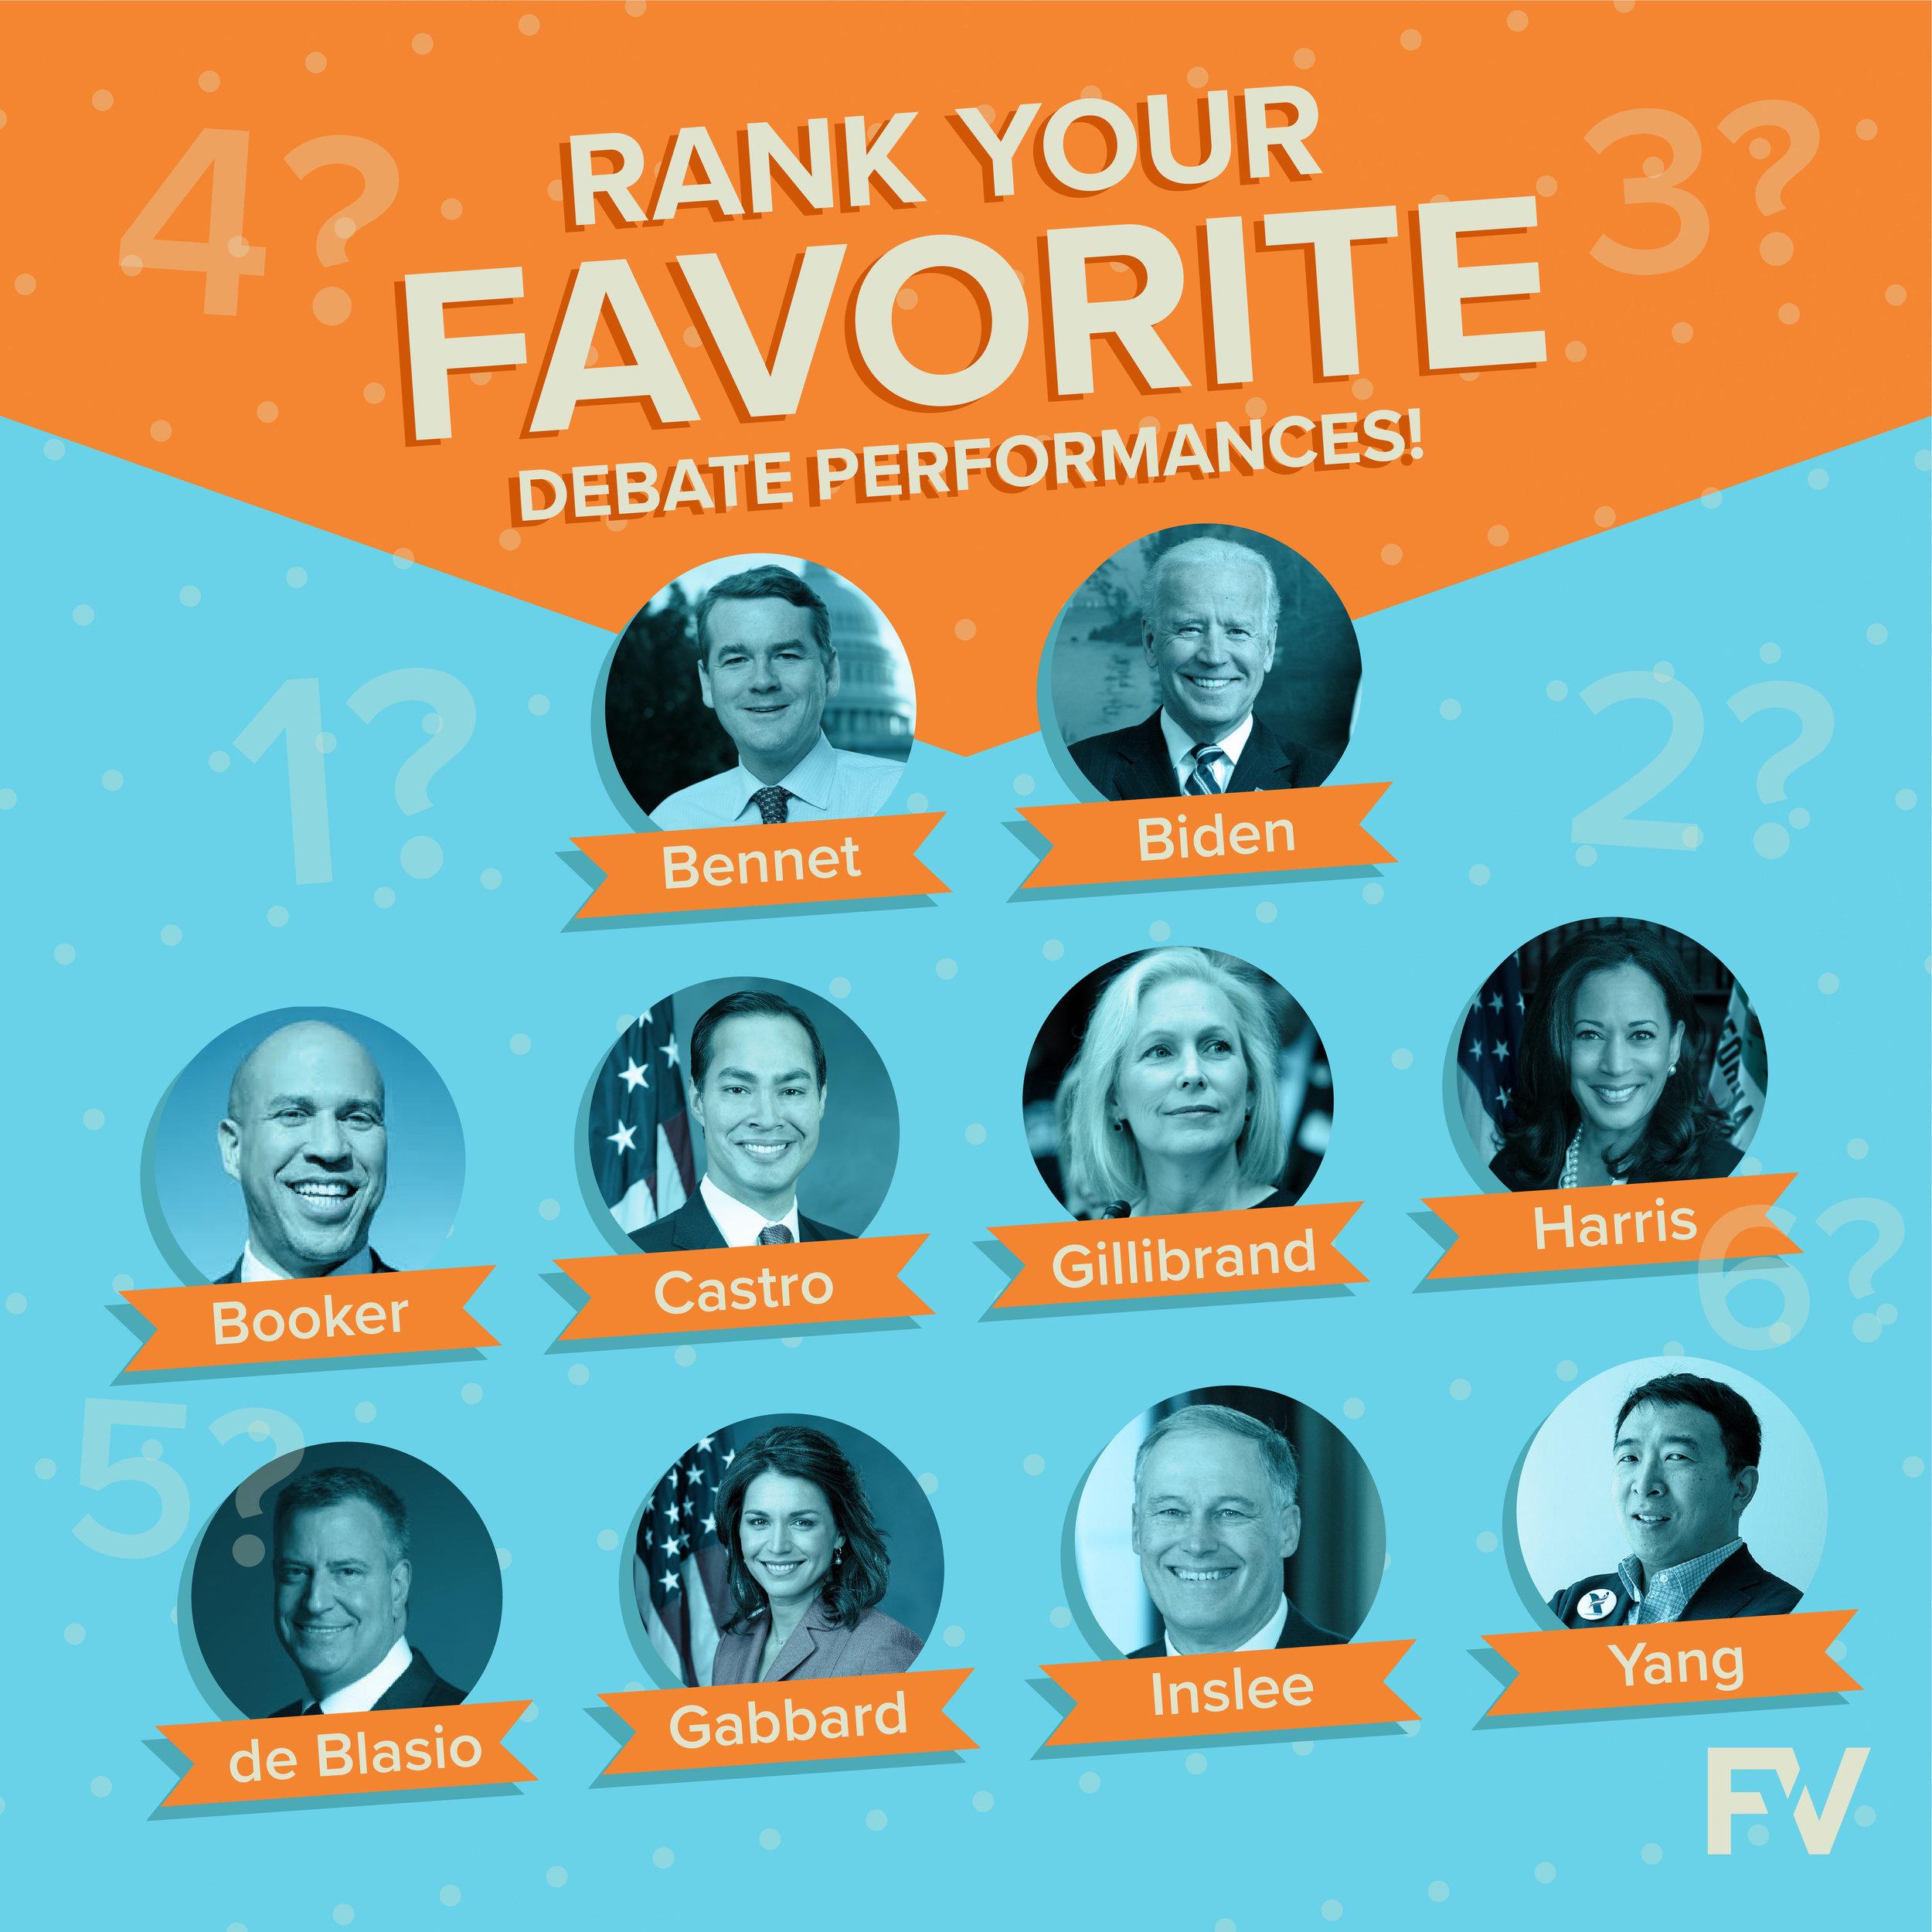 FV Presidential Debate Candidates July 2019 d1-04.jpg